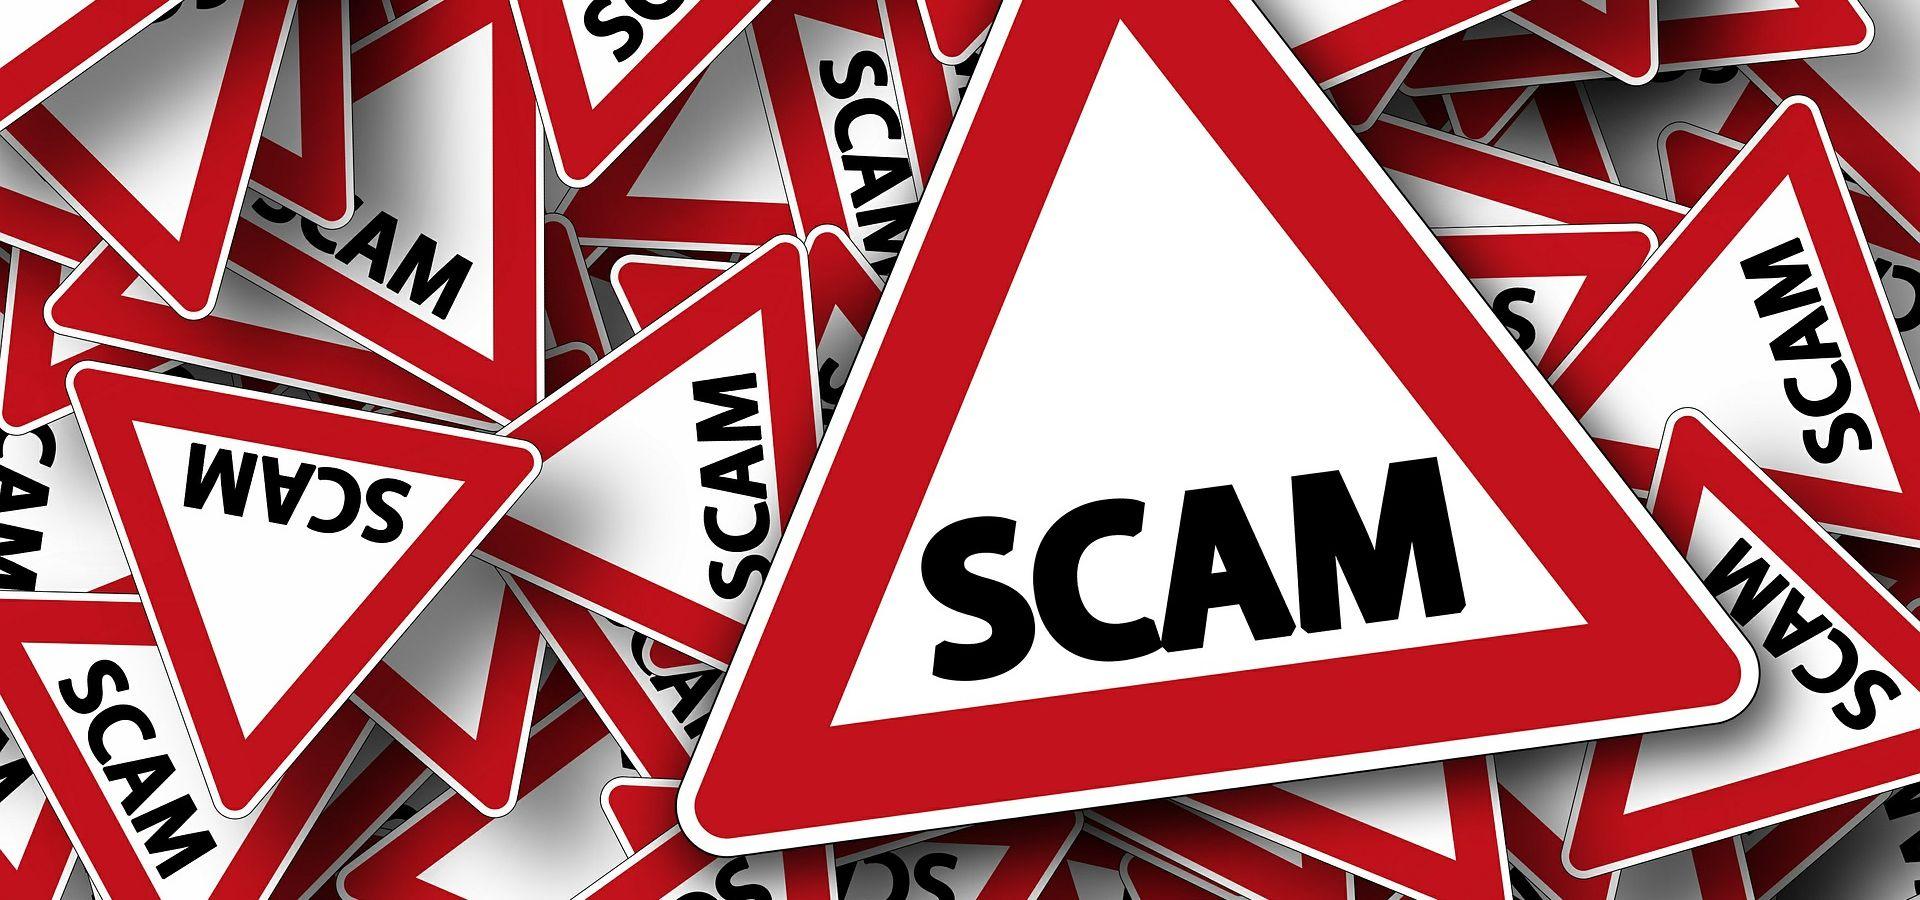 scam_1